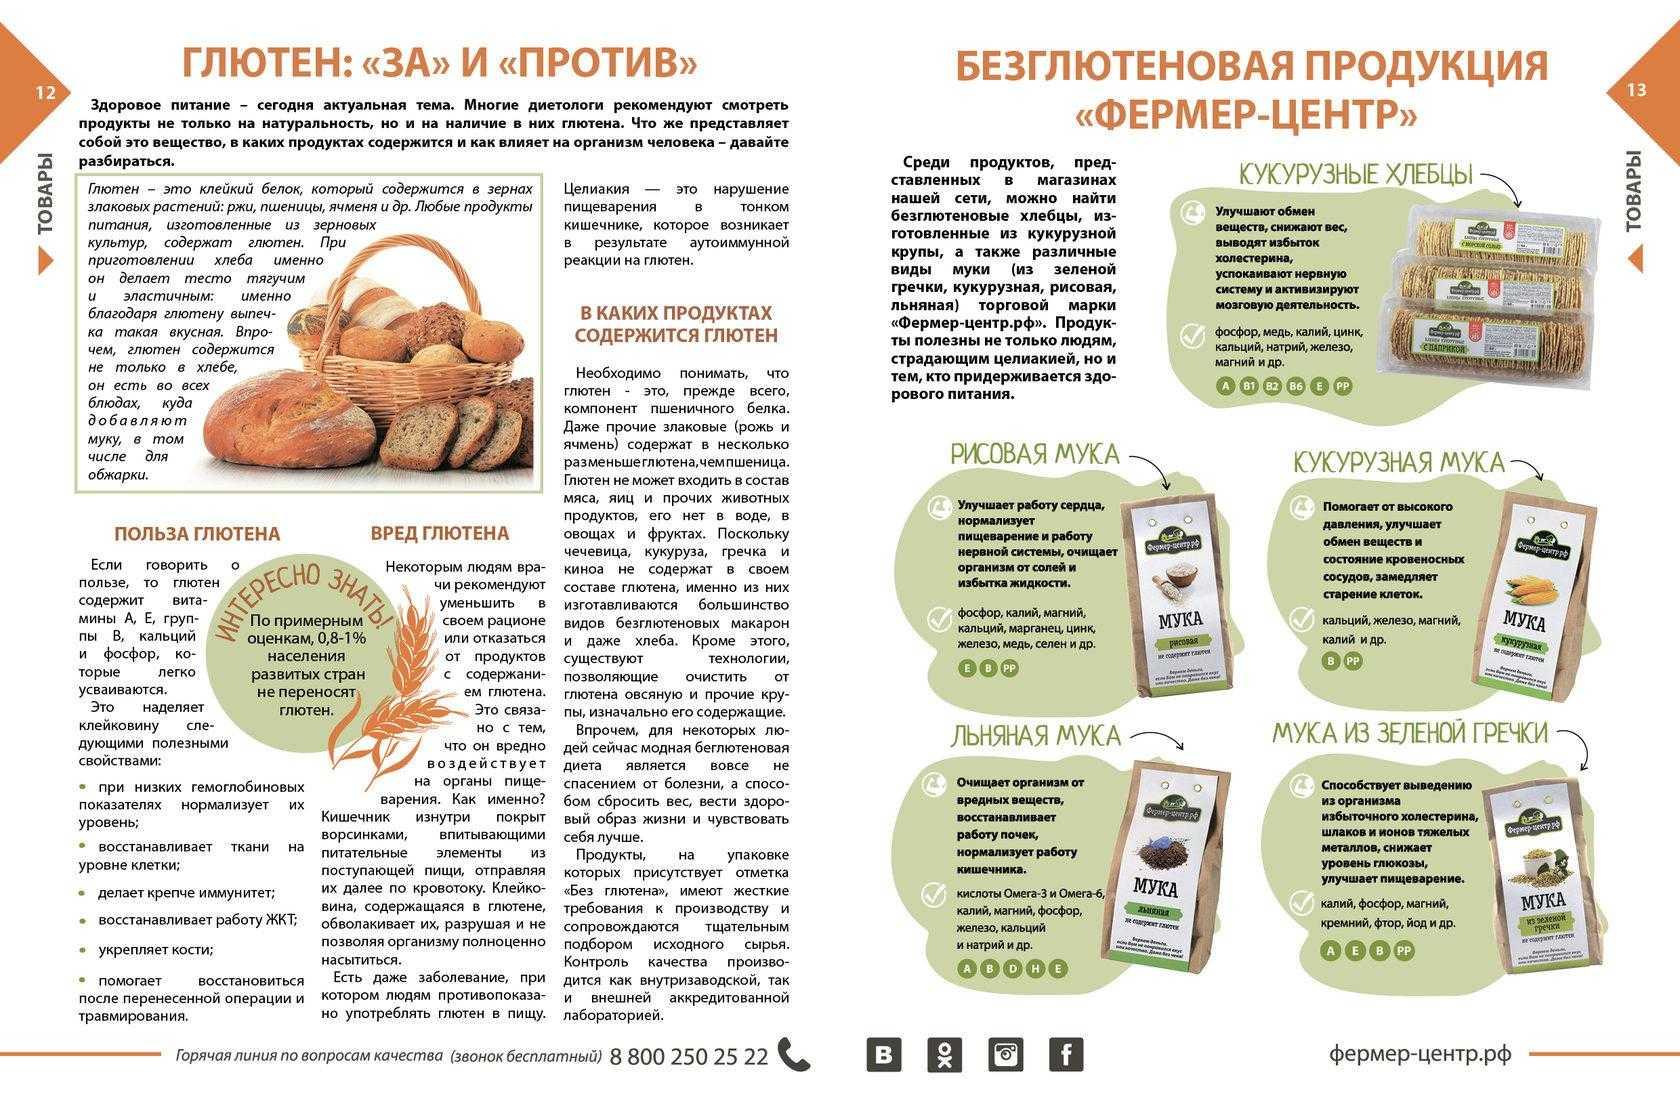 Список продуктов для безглютеновой диеты